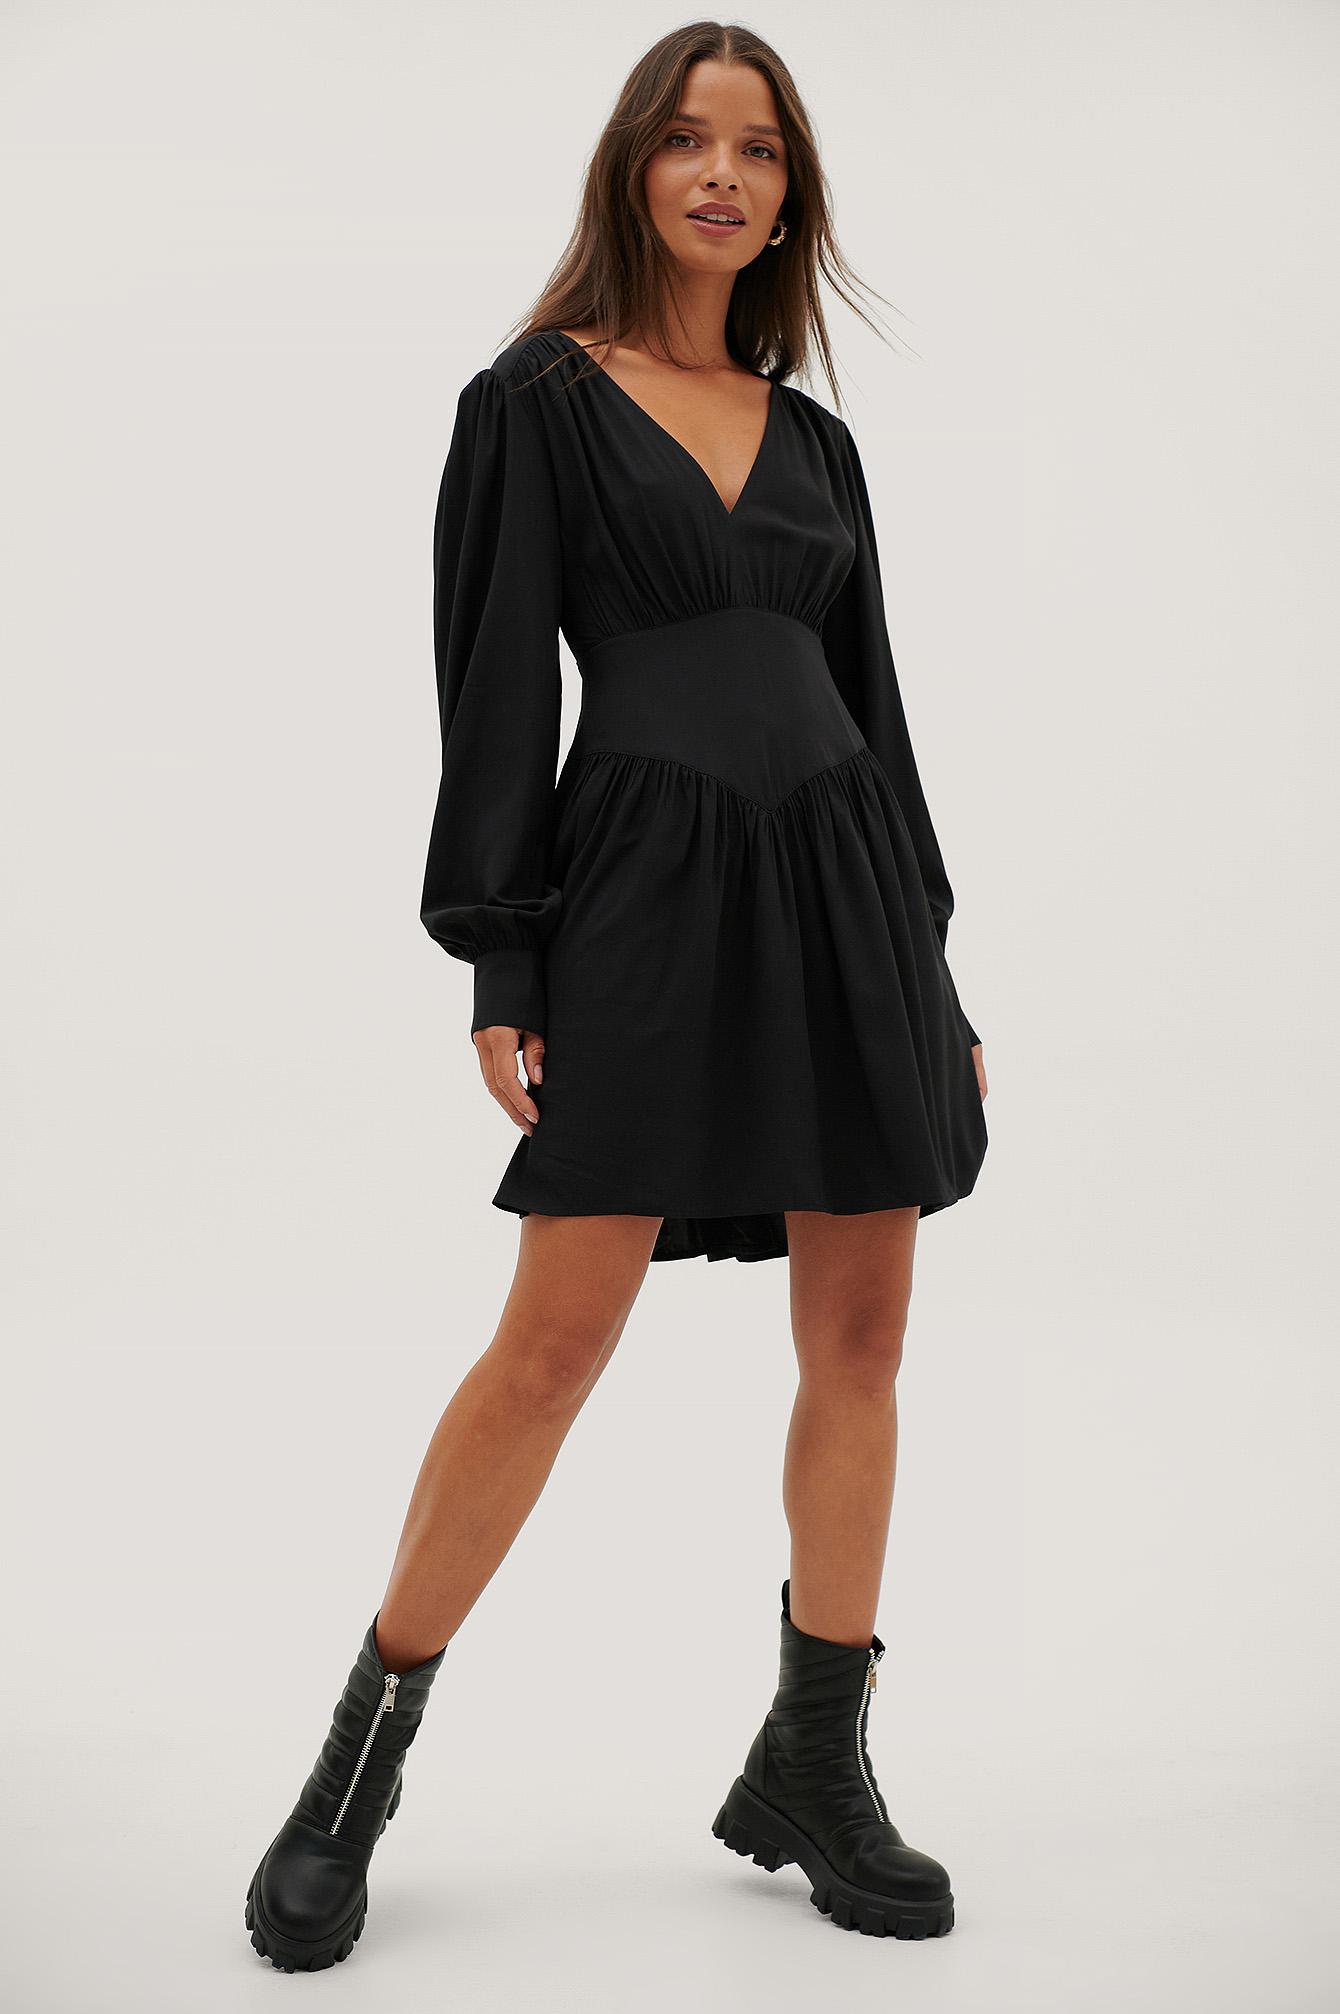 Taillendetail Kleid Mit V-Ausschnitt Schwarz | na-kd.com